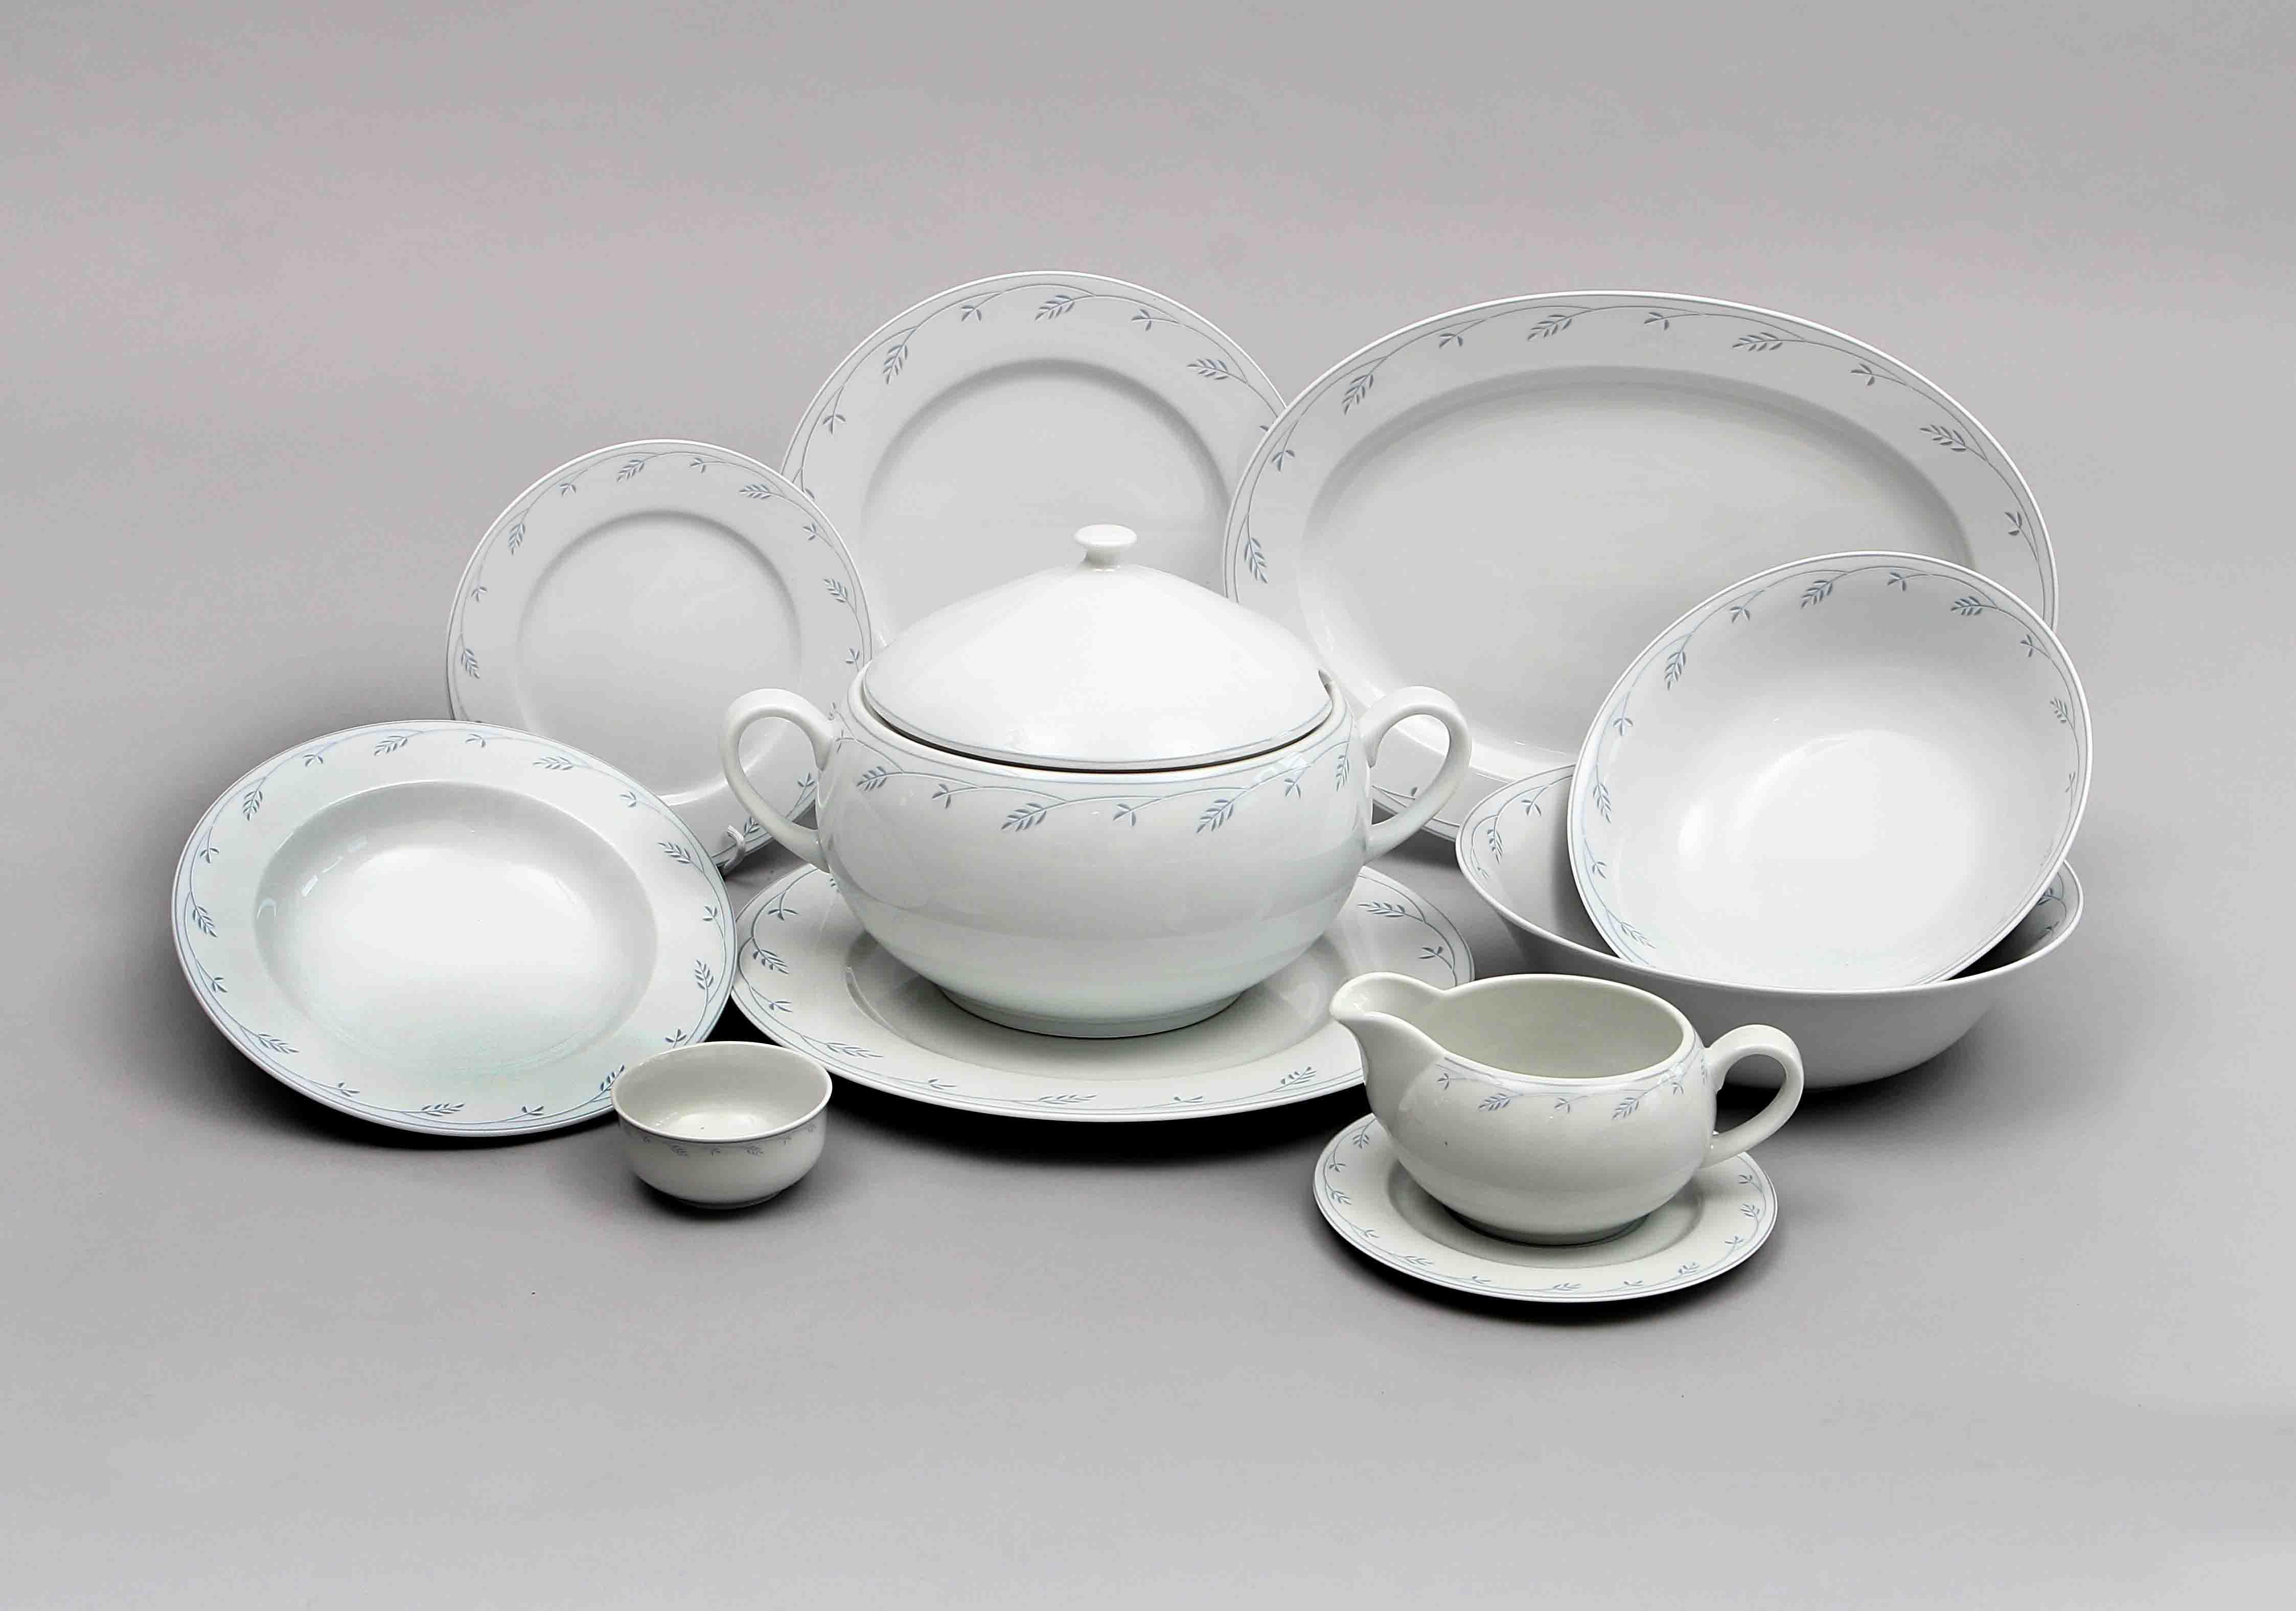 Jídelní souprava Thun, karlovarský porcelán, Opal klásky, 25 dílná